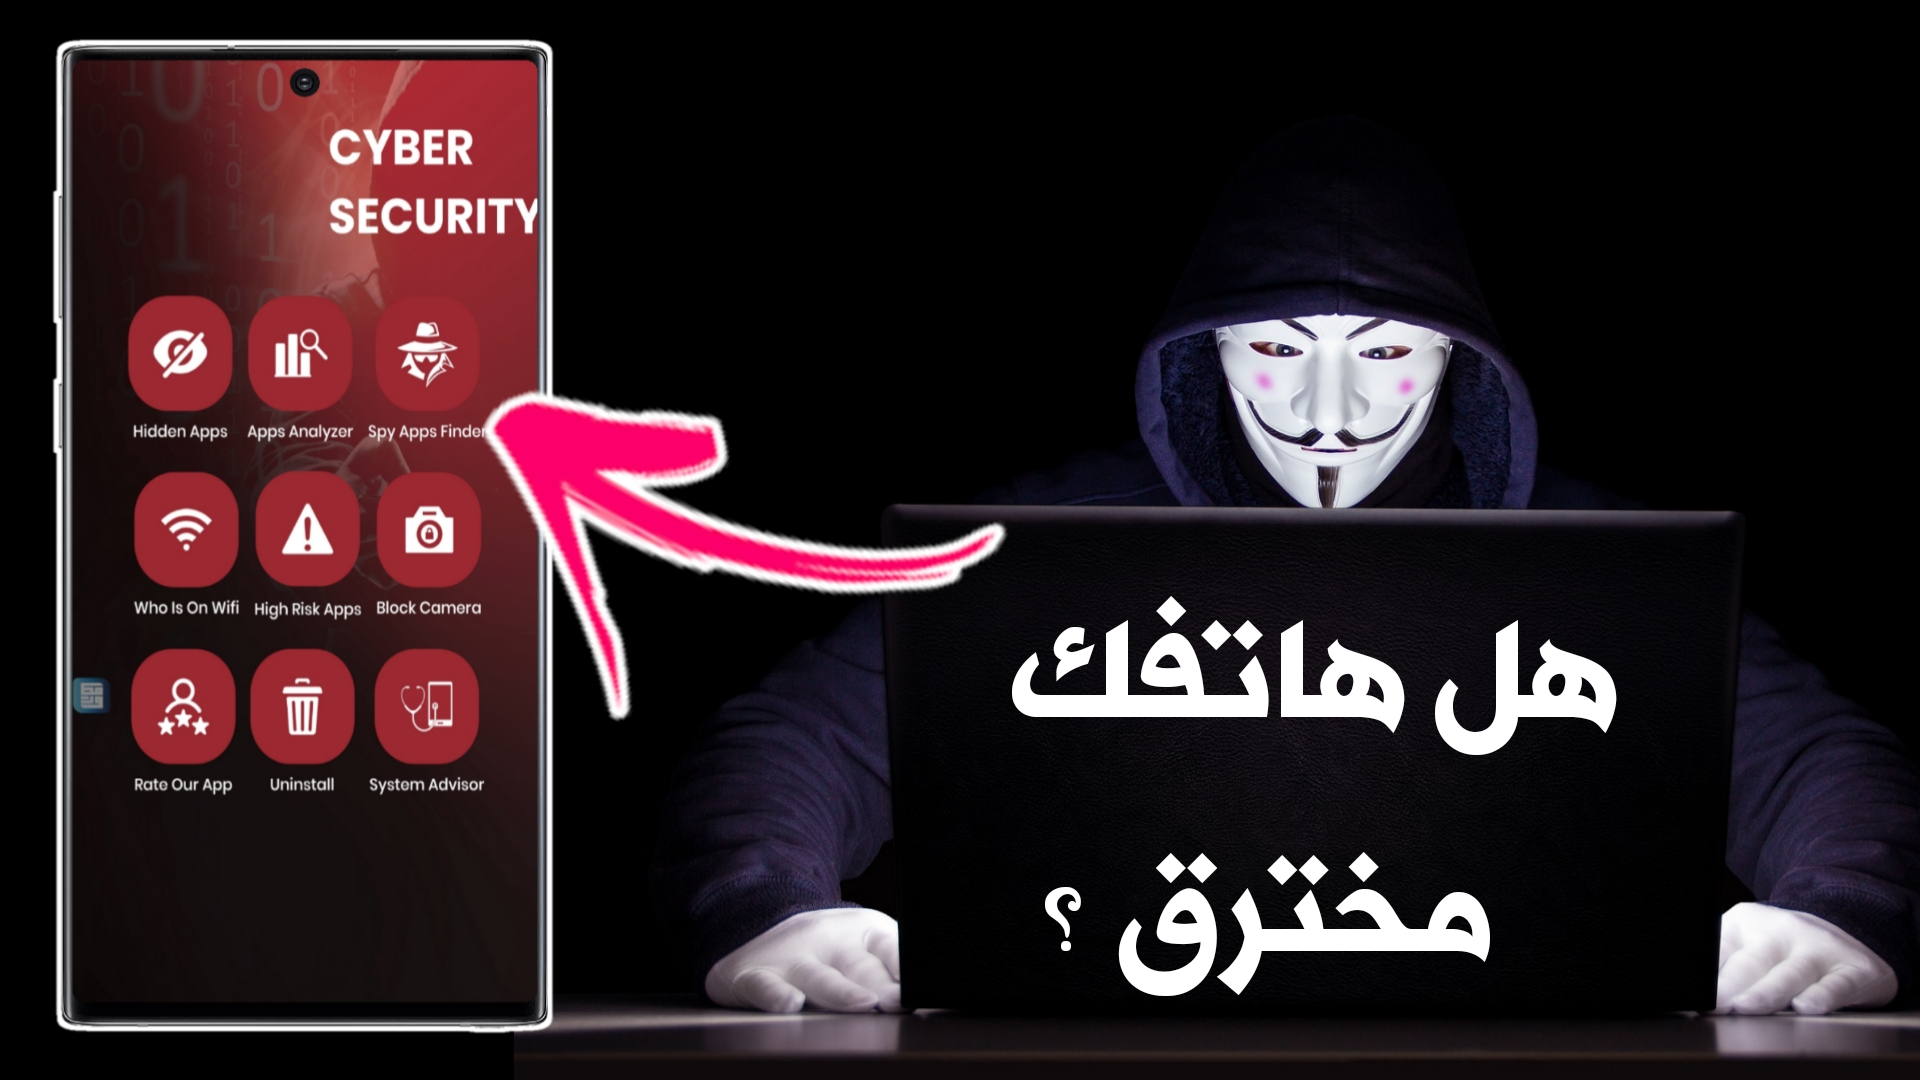 هل هاتفك مخترق ؟ كيف تعرف ذلك ! اليك تطبيق حماية الهاتف المدفوع